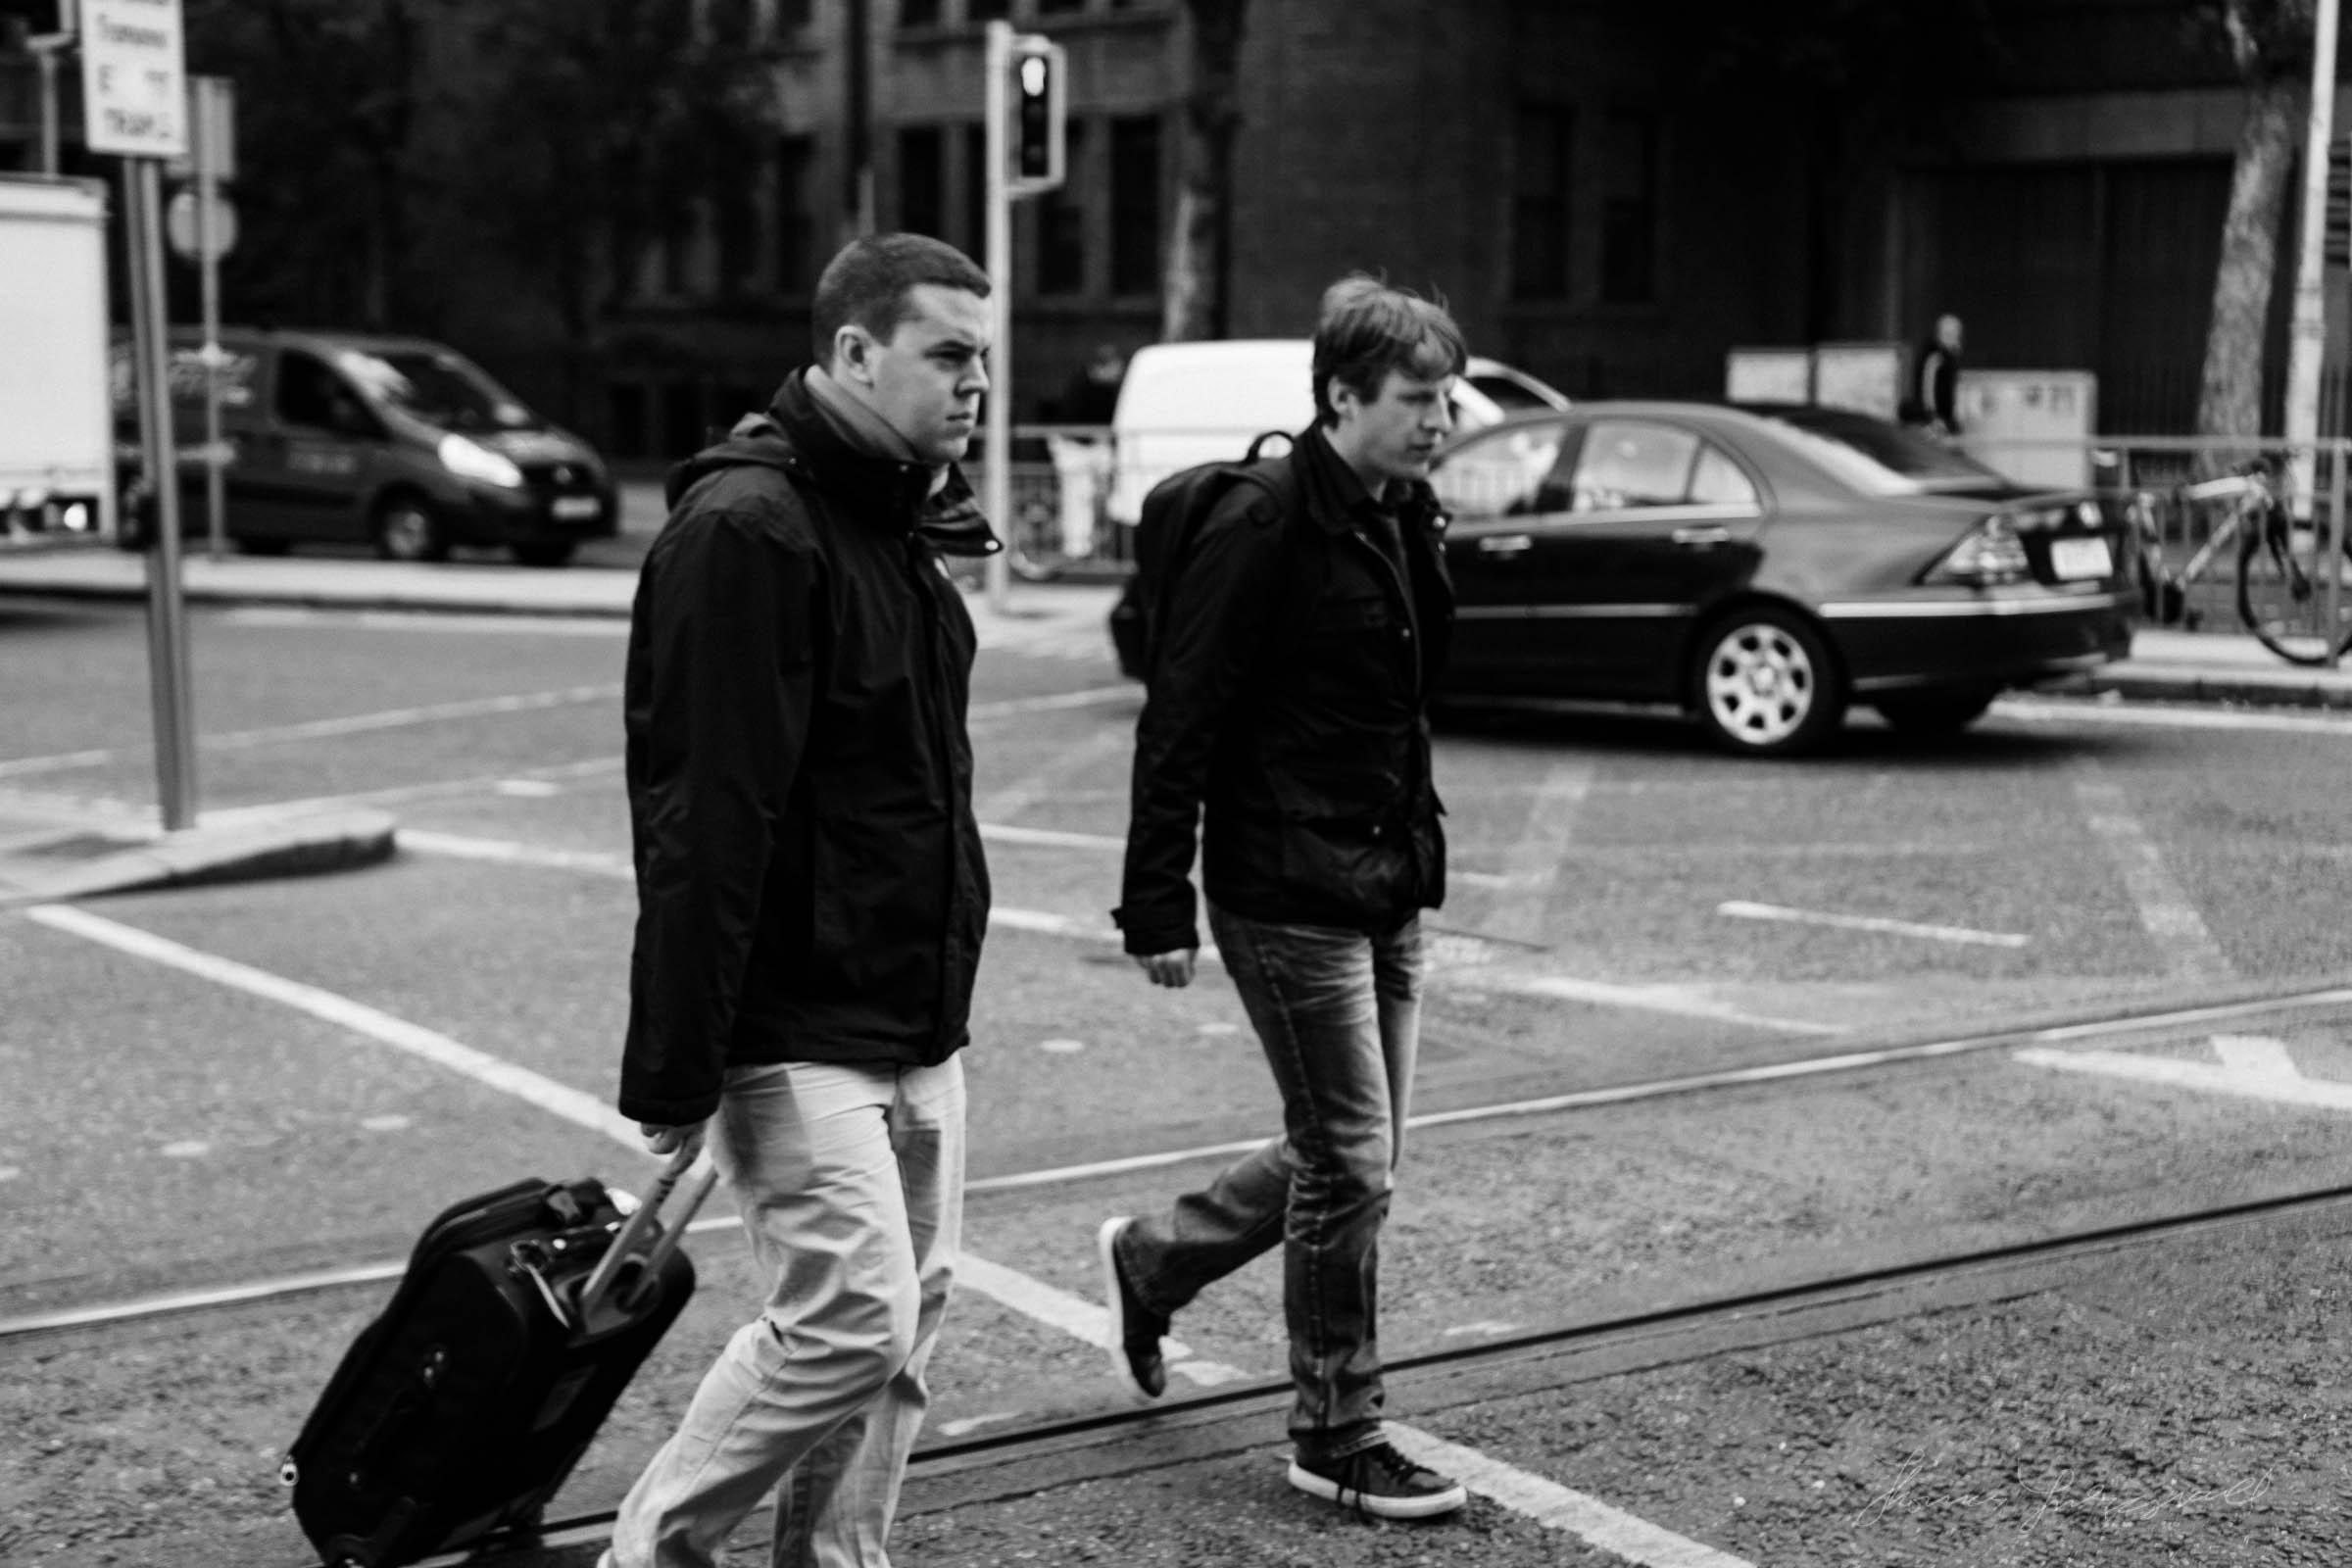 Street-Photo-Diary-No-6-BW-Dublin-06.jpg